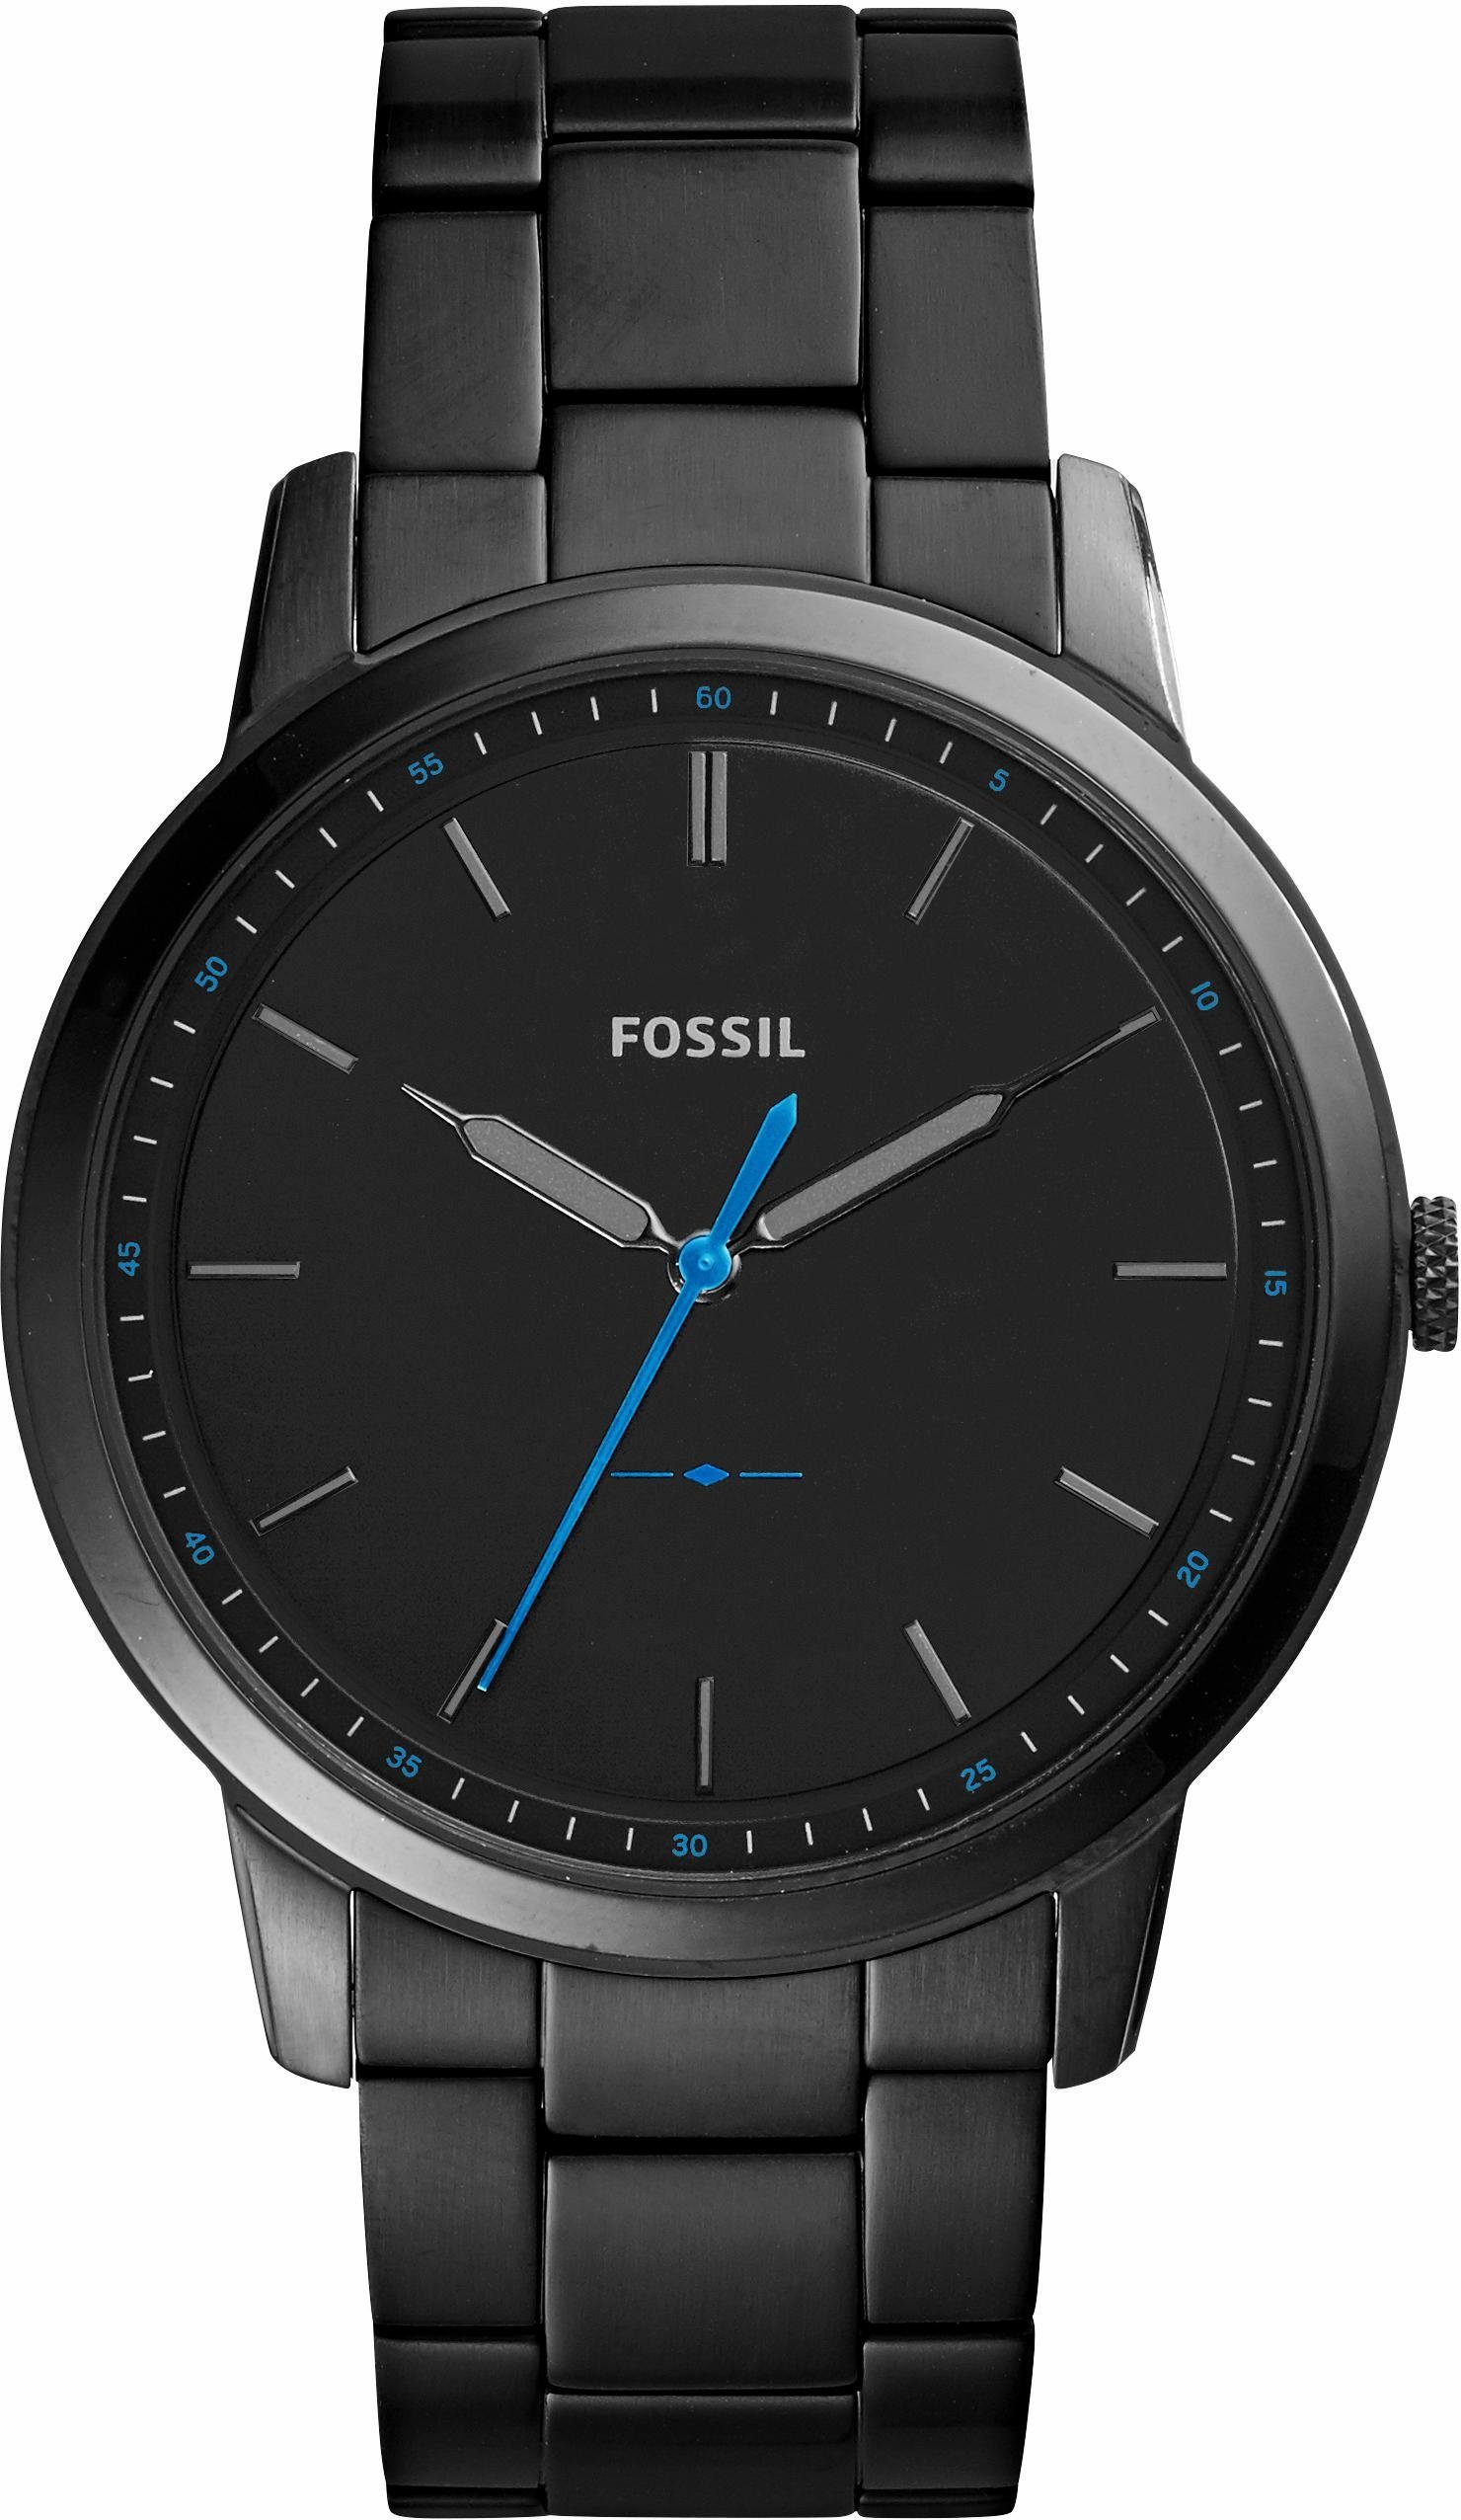 Fossil Quarzuhr »THE MINIMALIST 3H, FS5308«